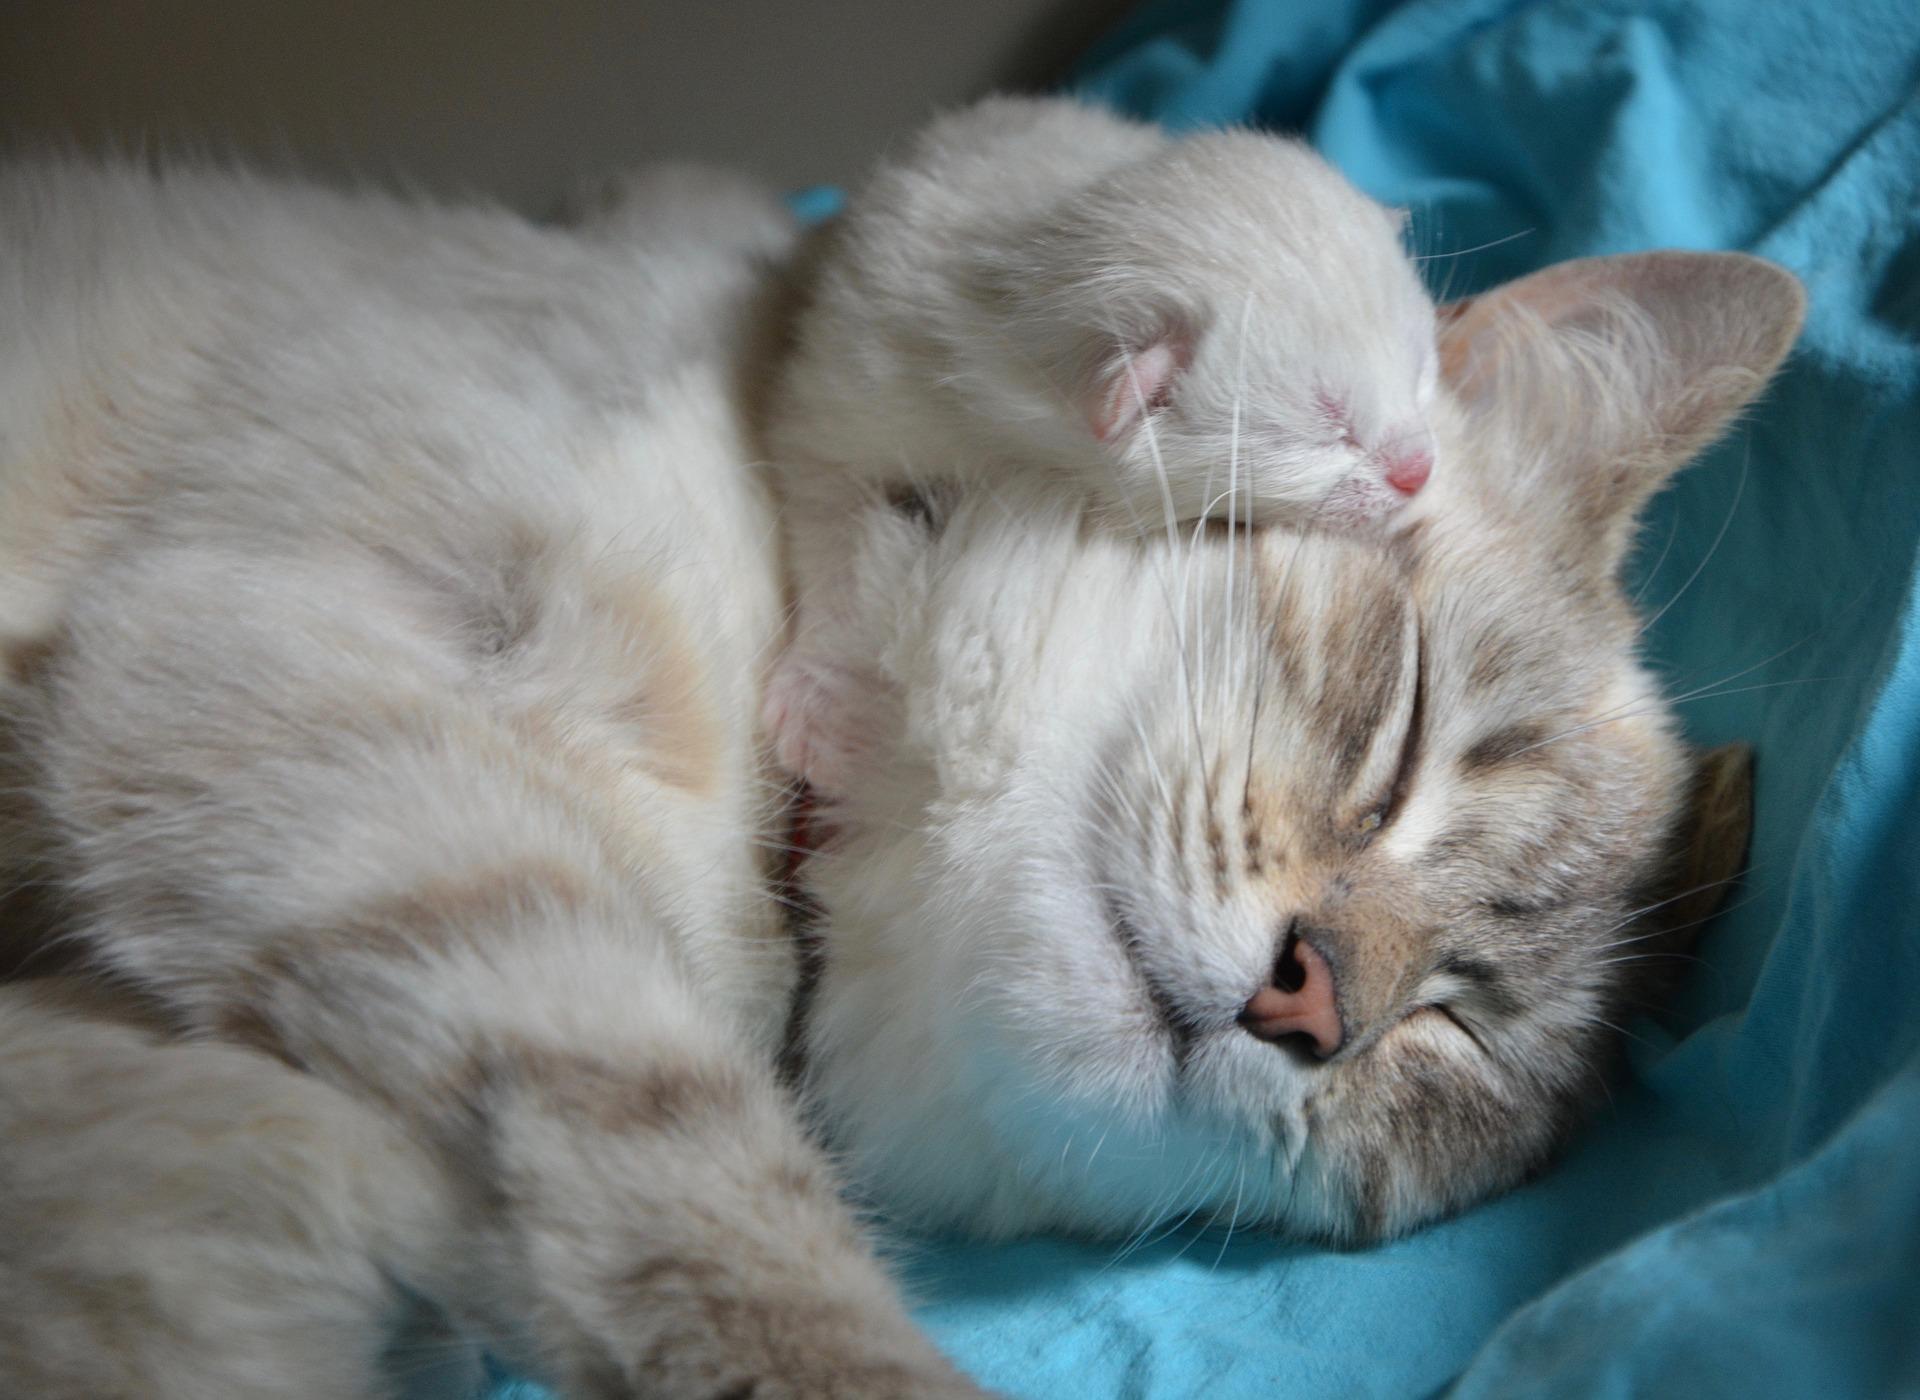 Las gatas pueden tener hasta doce gatitos